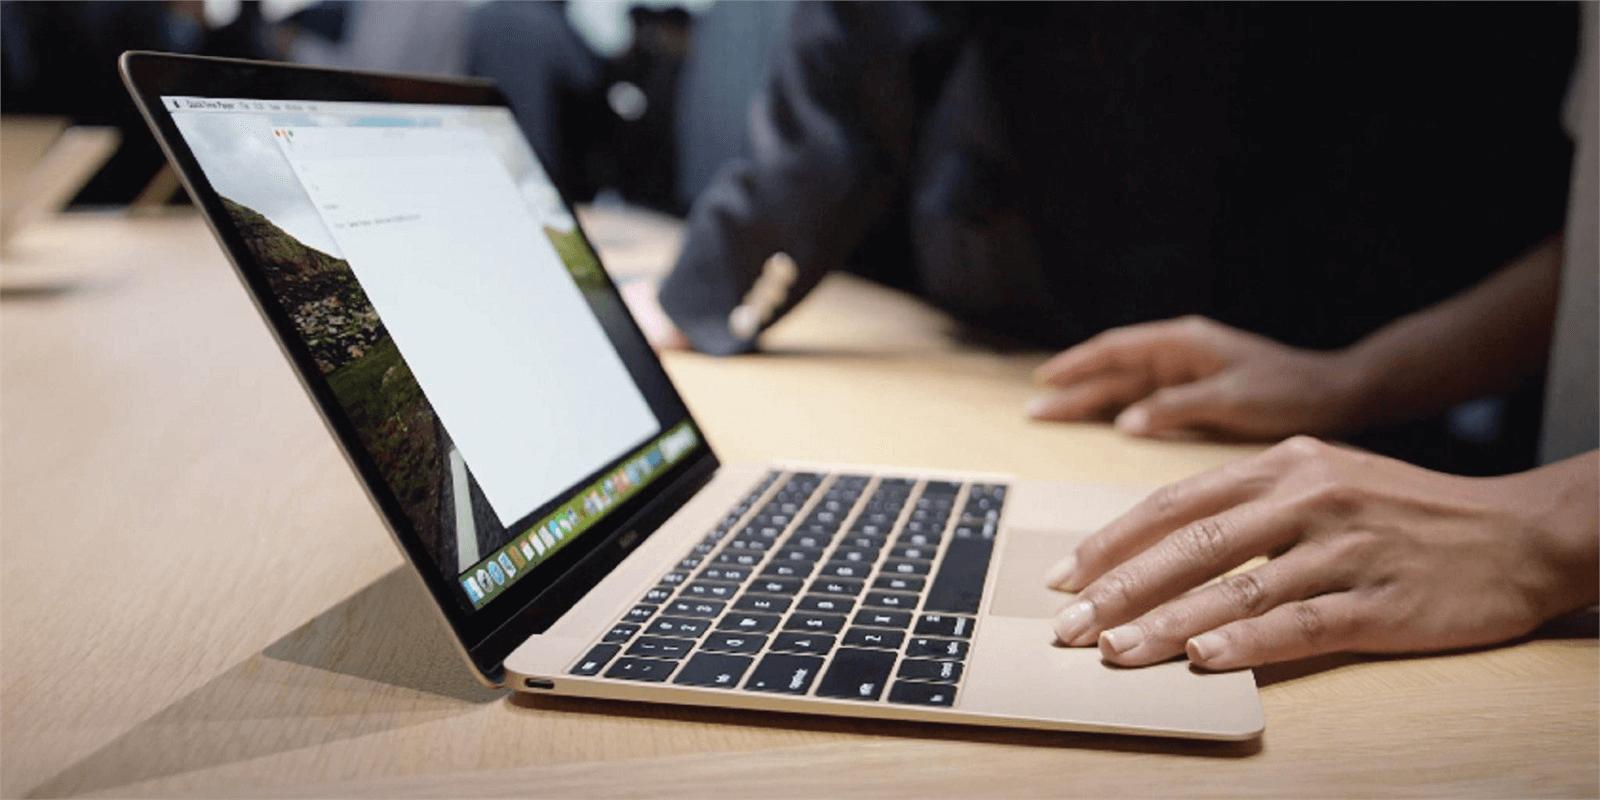 MacBook-repair-bangalore